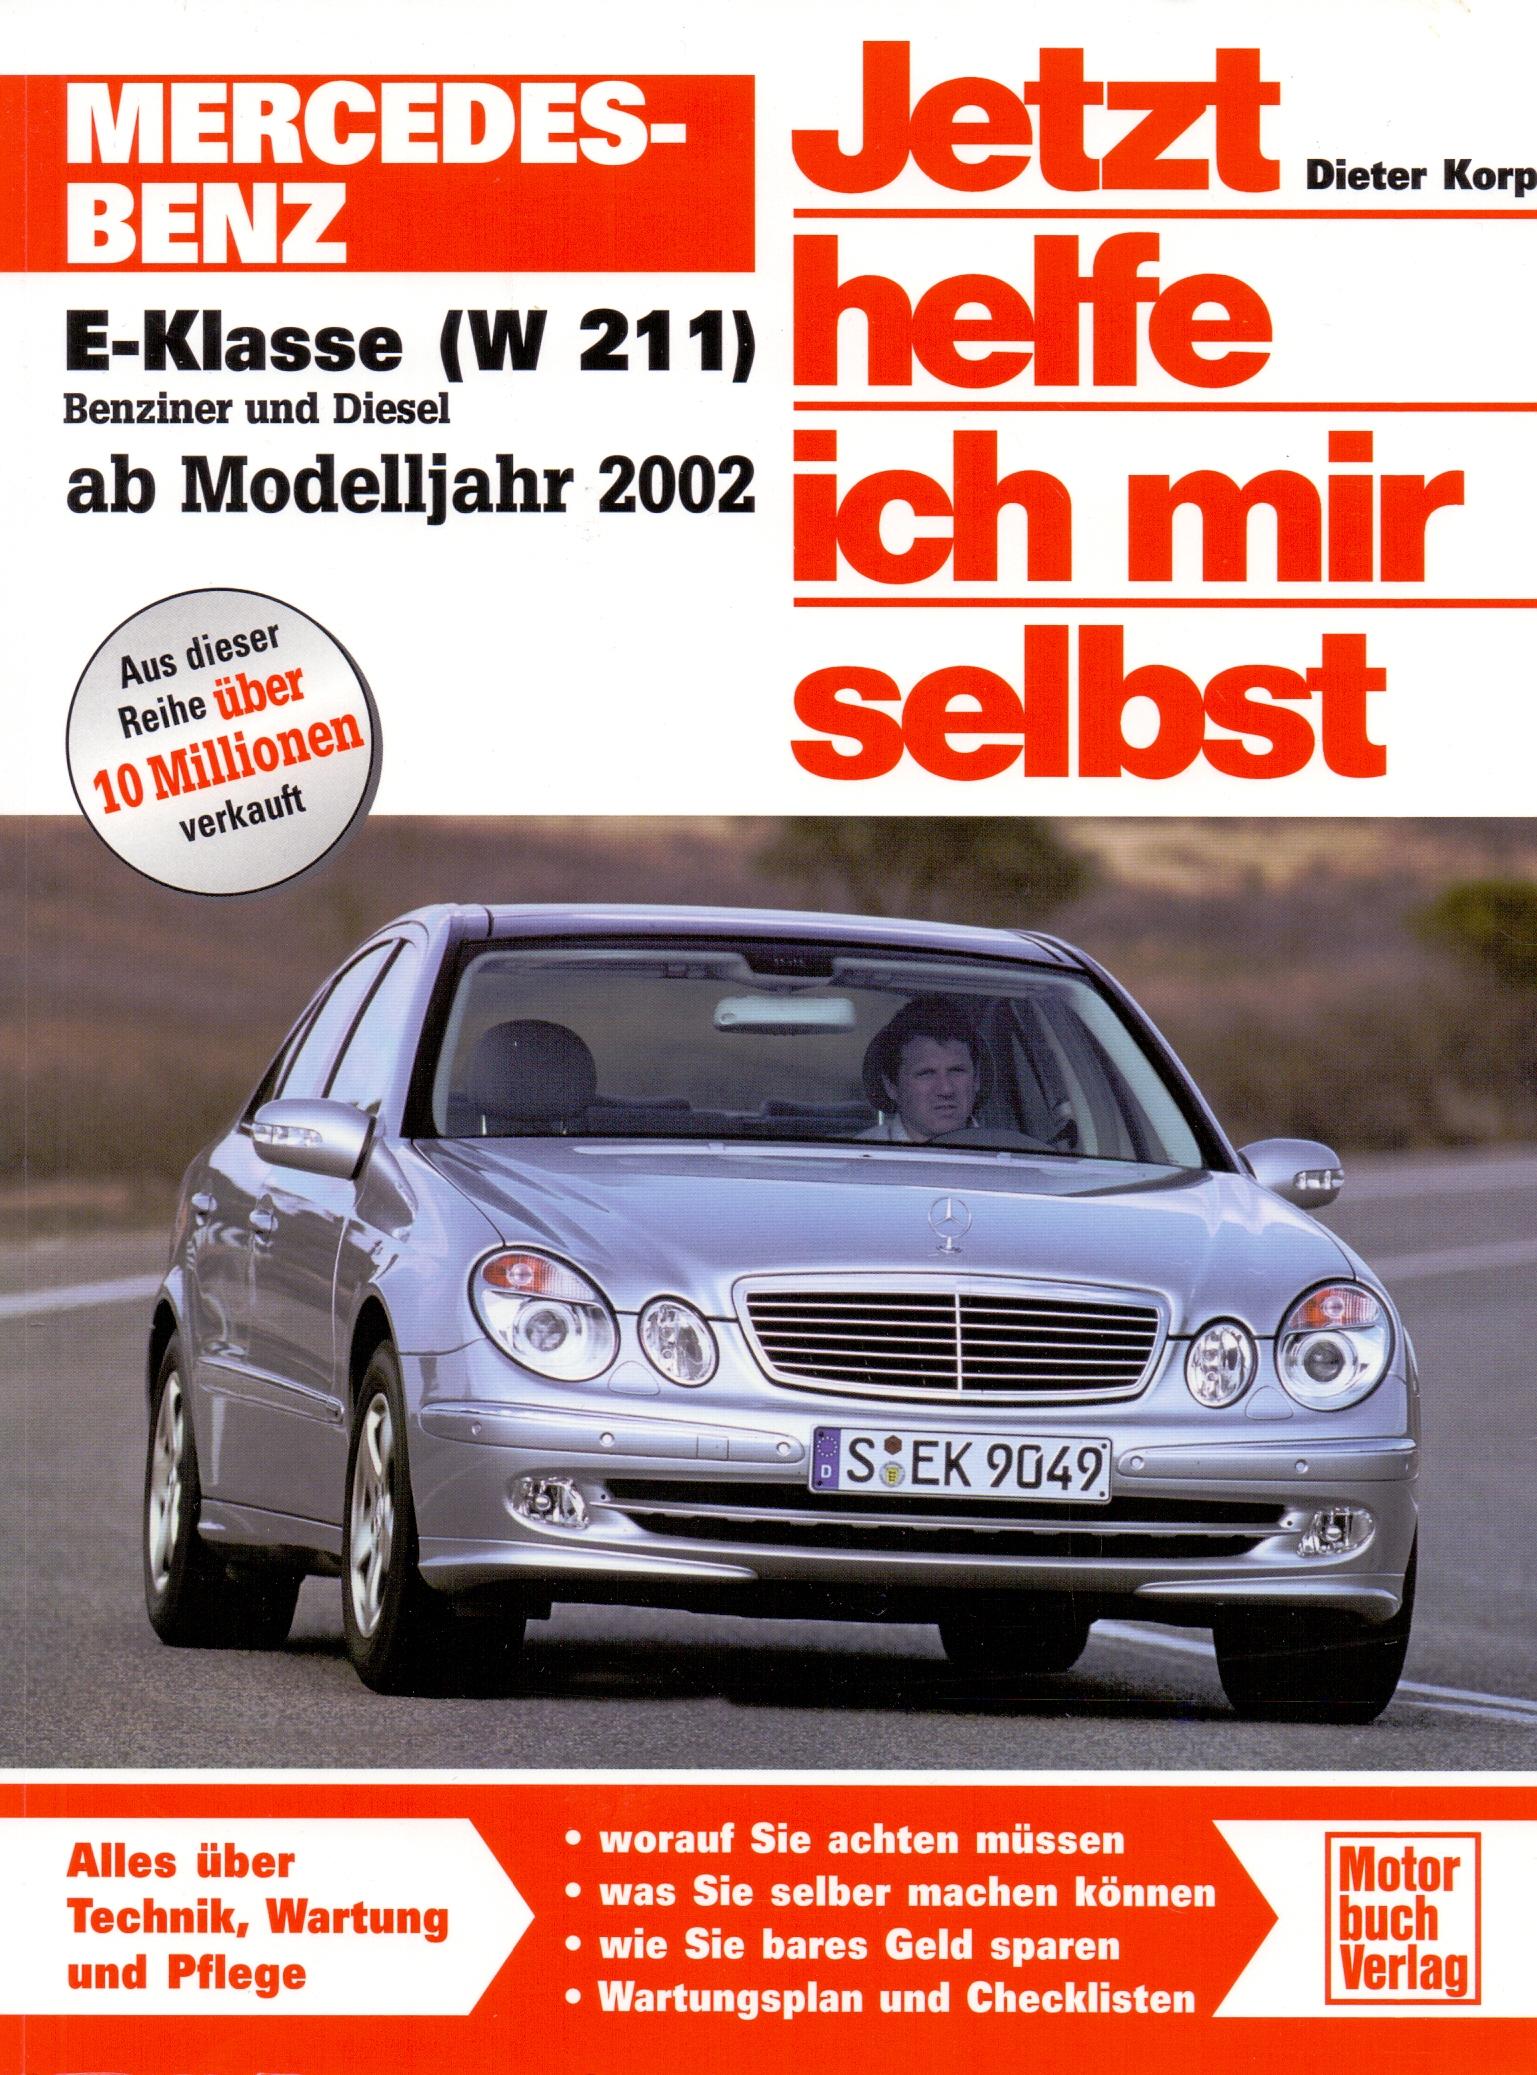 Jetzt helfe ich mir selbst: Band 248 - Mercedes-Benz E-Klasse (W 221) Benziner und Diesel ab Modelljahr 2002 - Dieter Ko